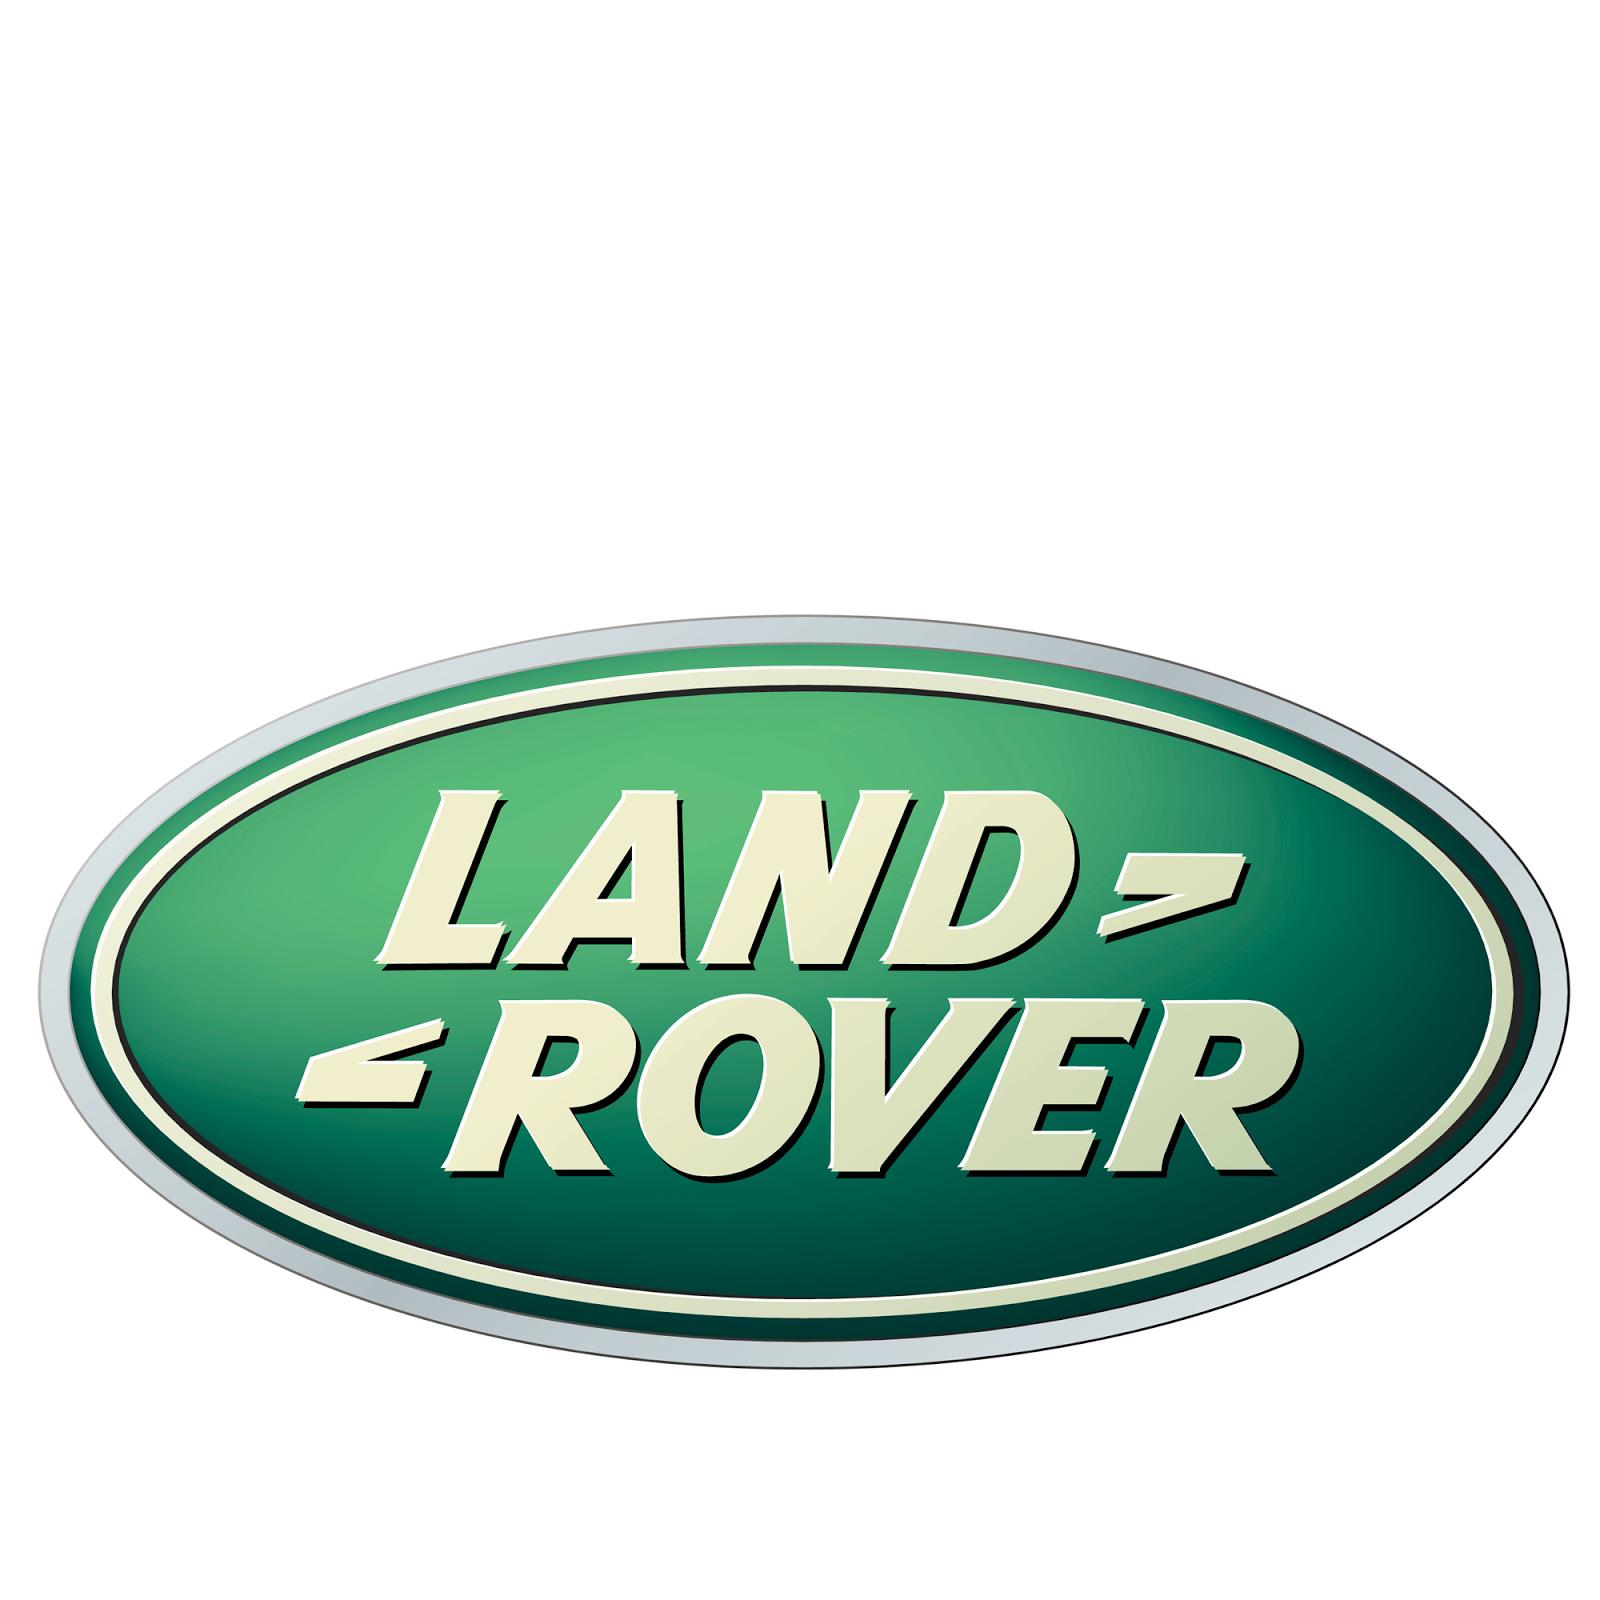 automotive database land rover. Black Bedroom Furniture Sets. Home Design Ideas